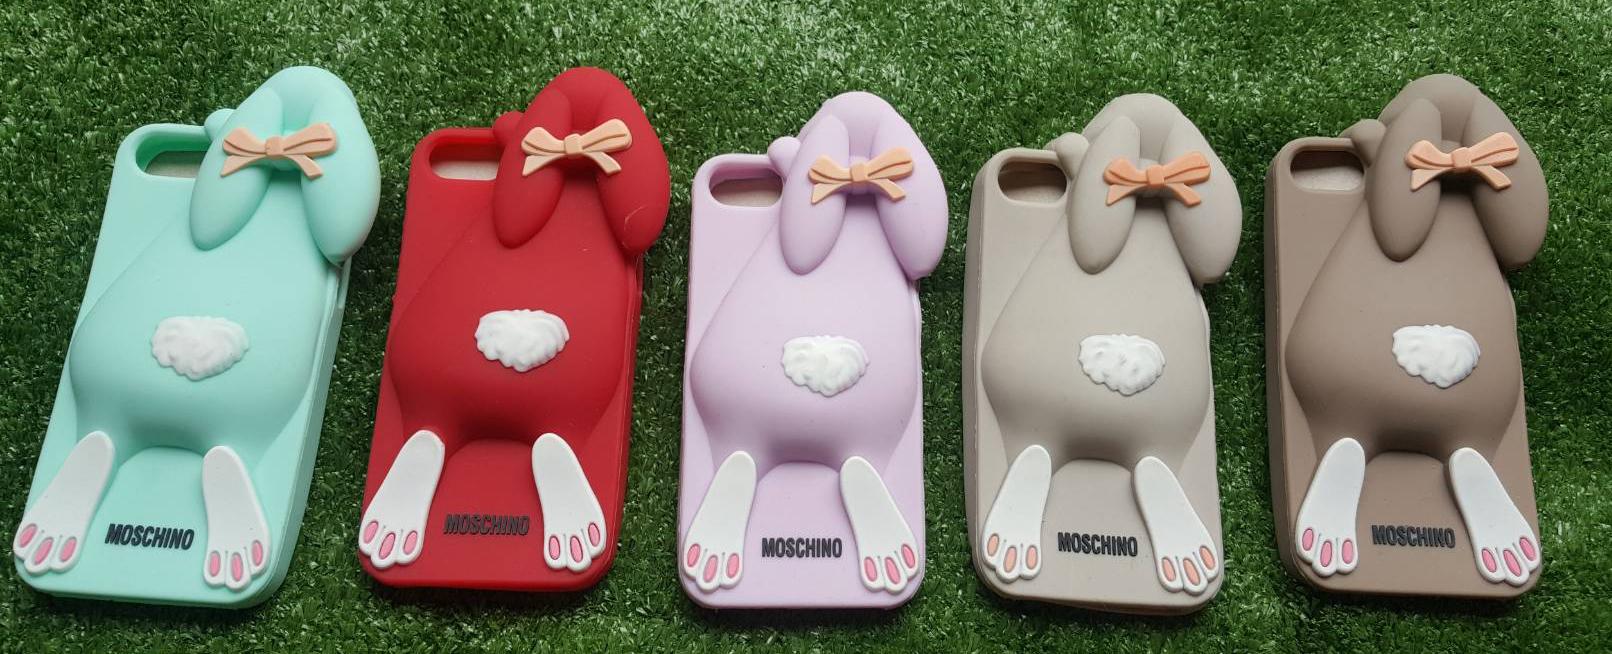 (พร้อมส่ง) เคส IPhone 5 / 5S ซิลิโคน รูปกระต่าย น่ารัก